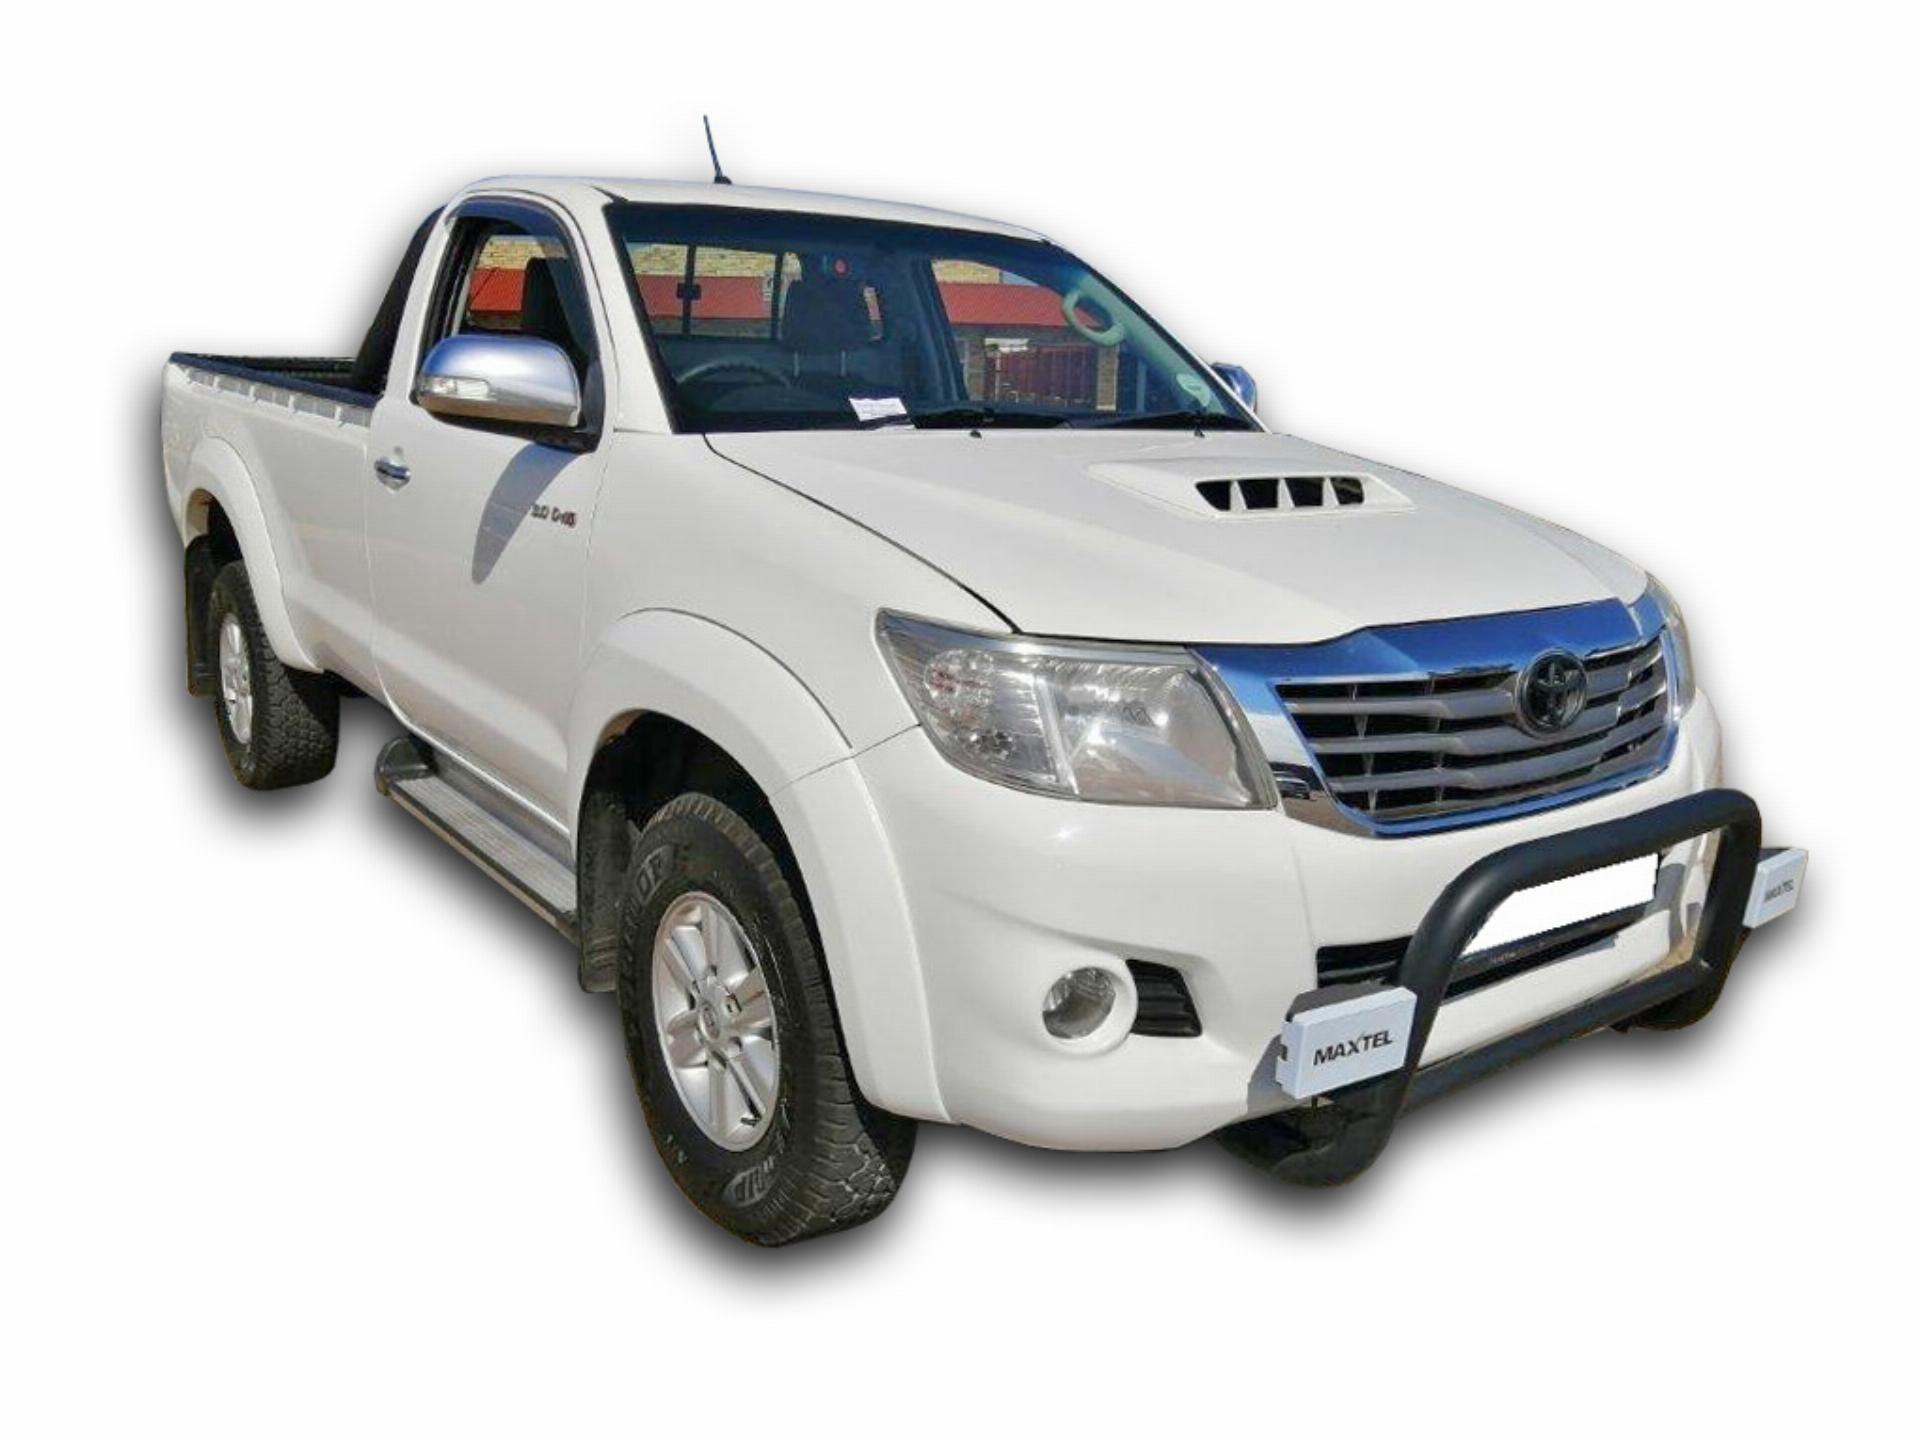 Toyota Hilux 3.0 D4-D PU SC 4X4